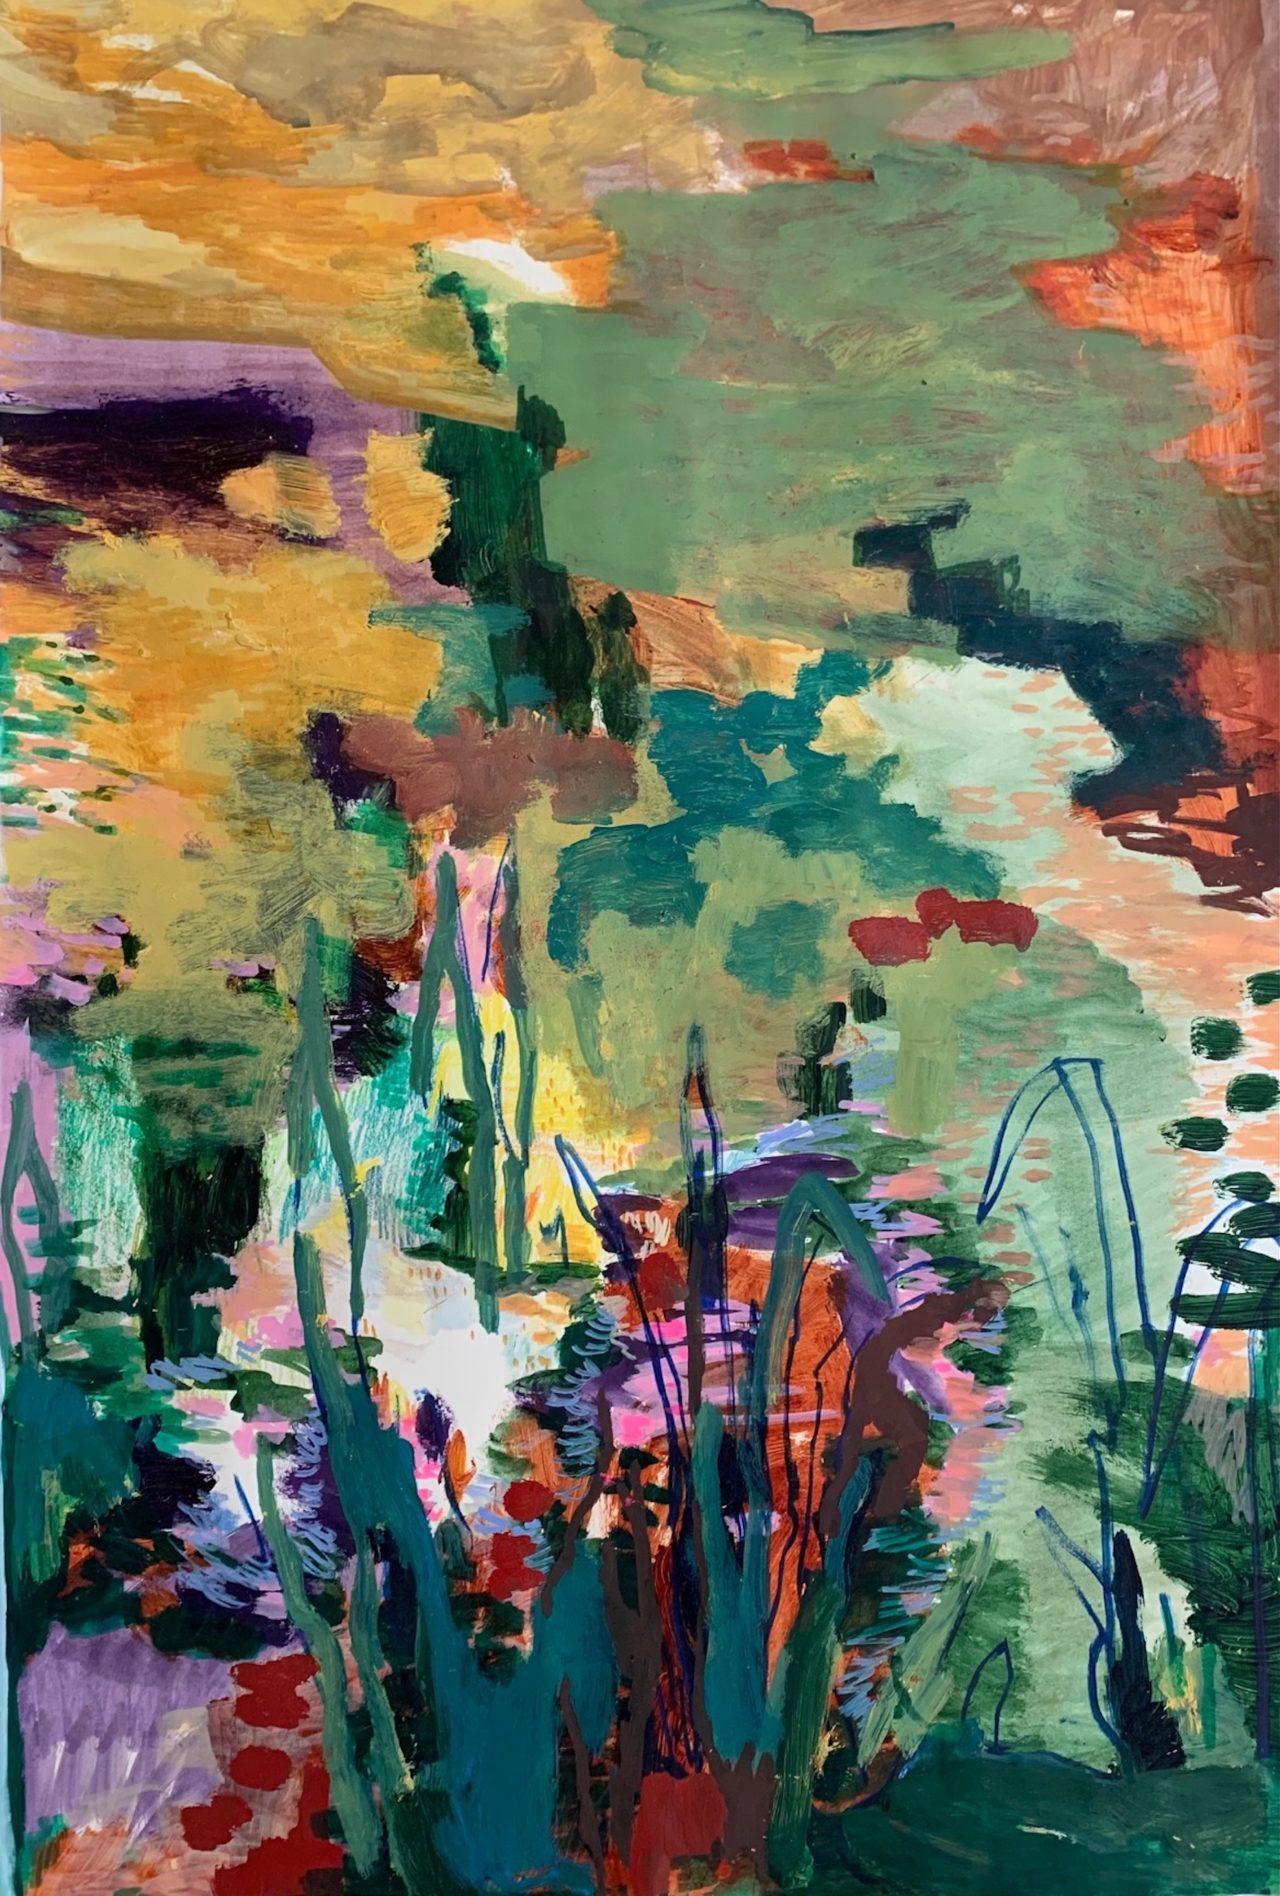 Zensee, 100 x 70 cm, Acryl, Tusche- und Lackstift auf Papier, 2021